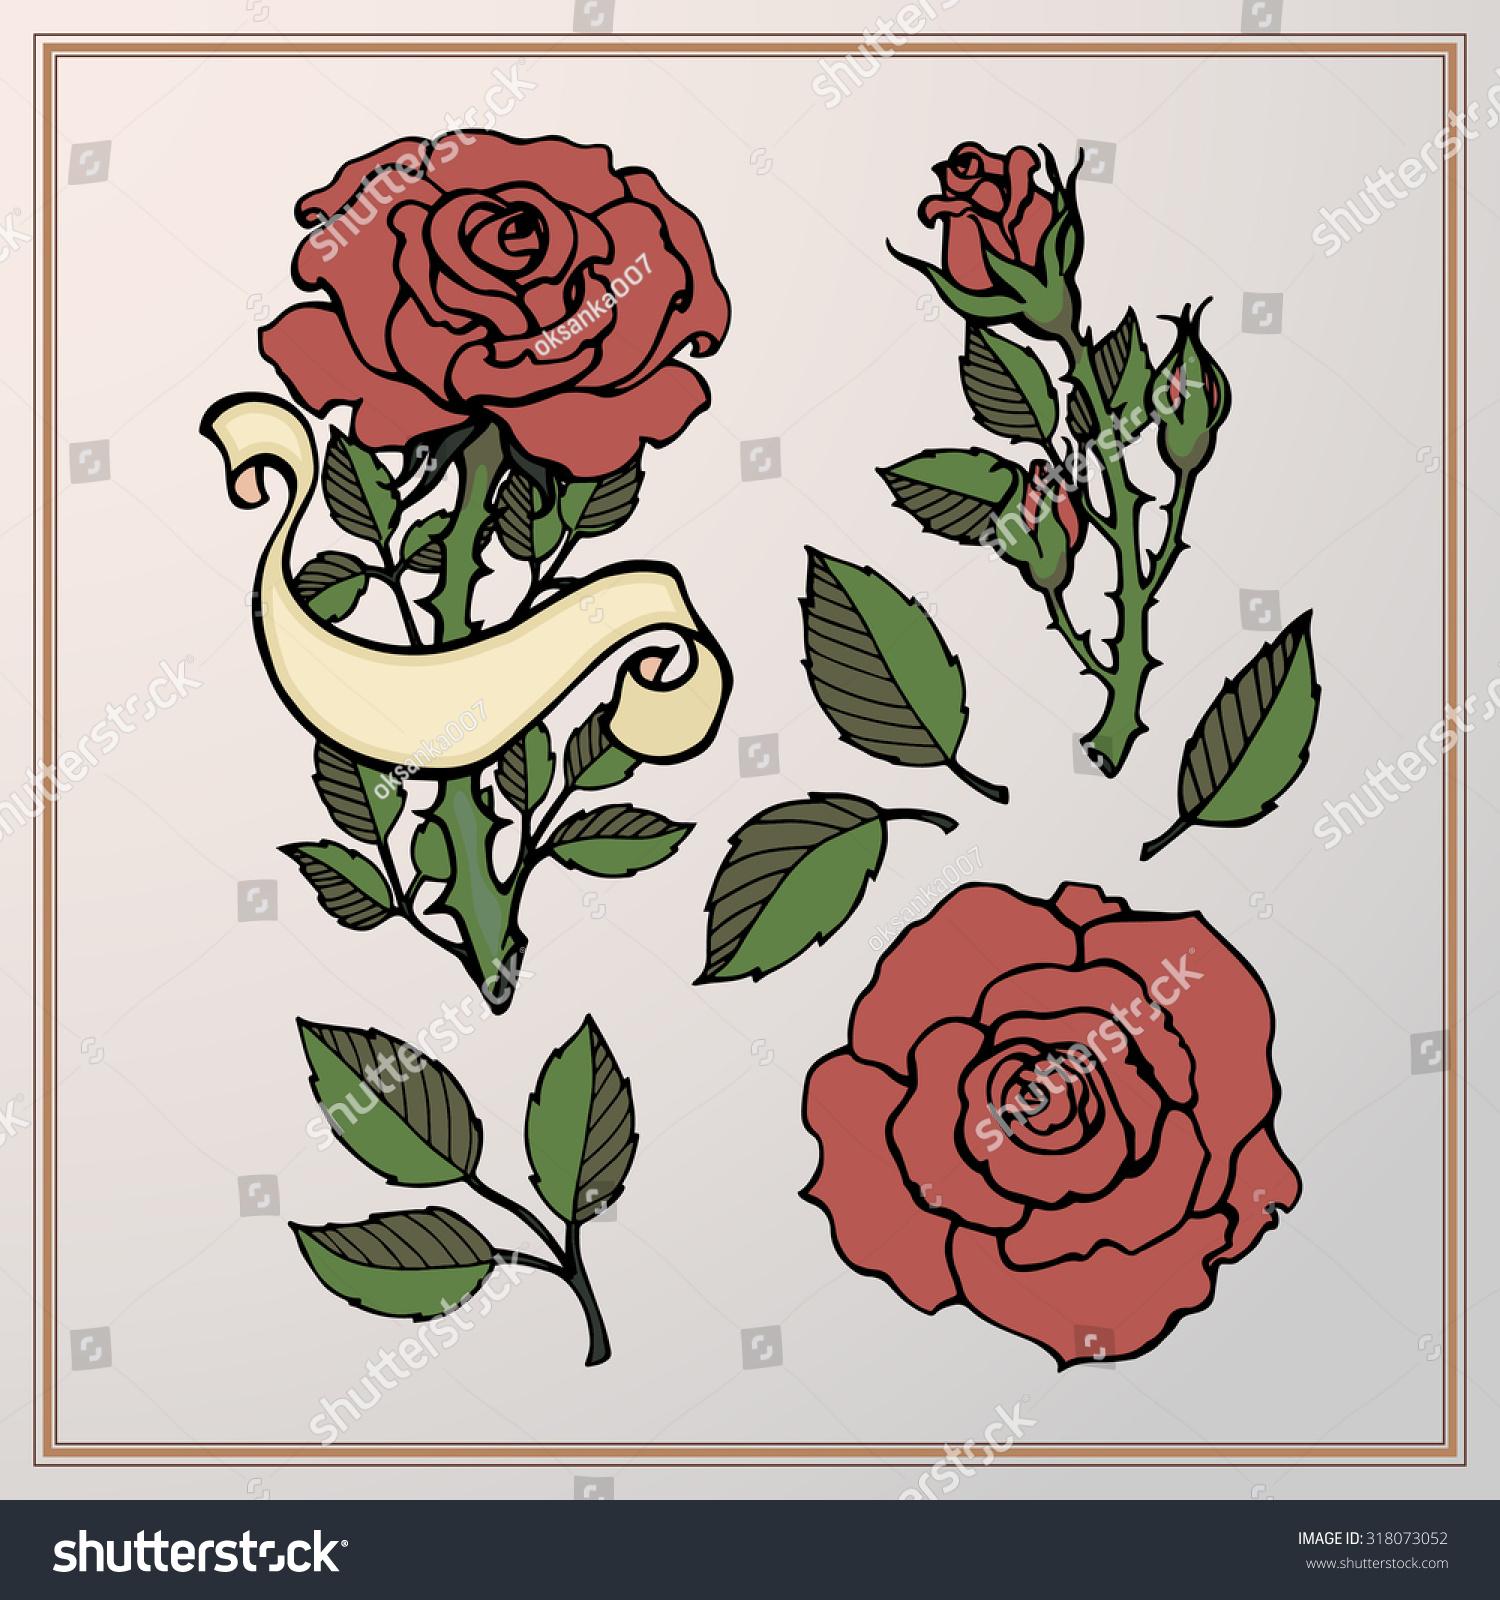 素描玫瑰花丛_玫瑰手绘图片简单画法-玫瑰花怎么画简单好看,简单的玫瑰花的 ...